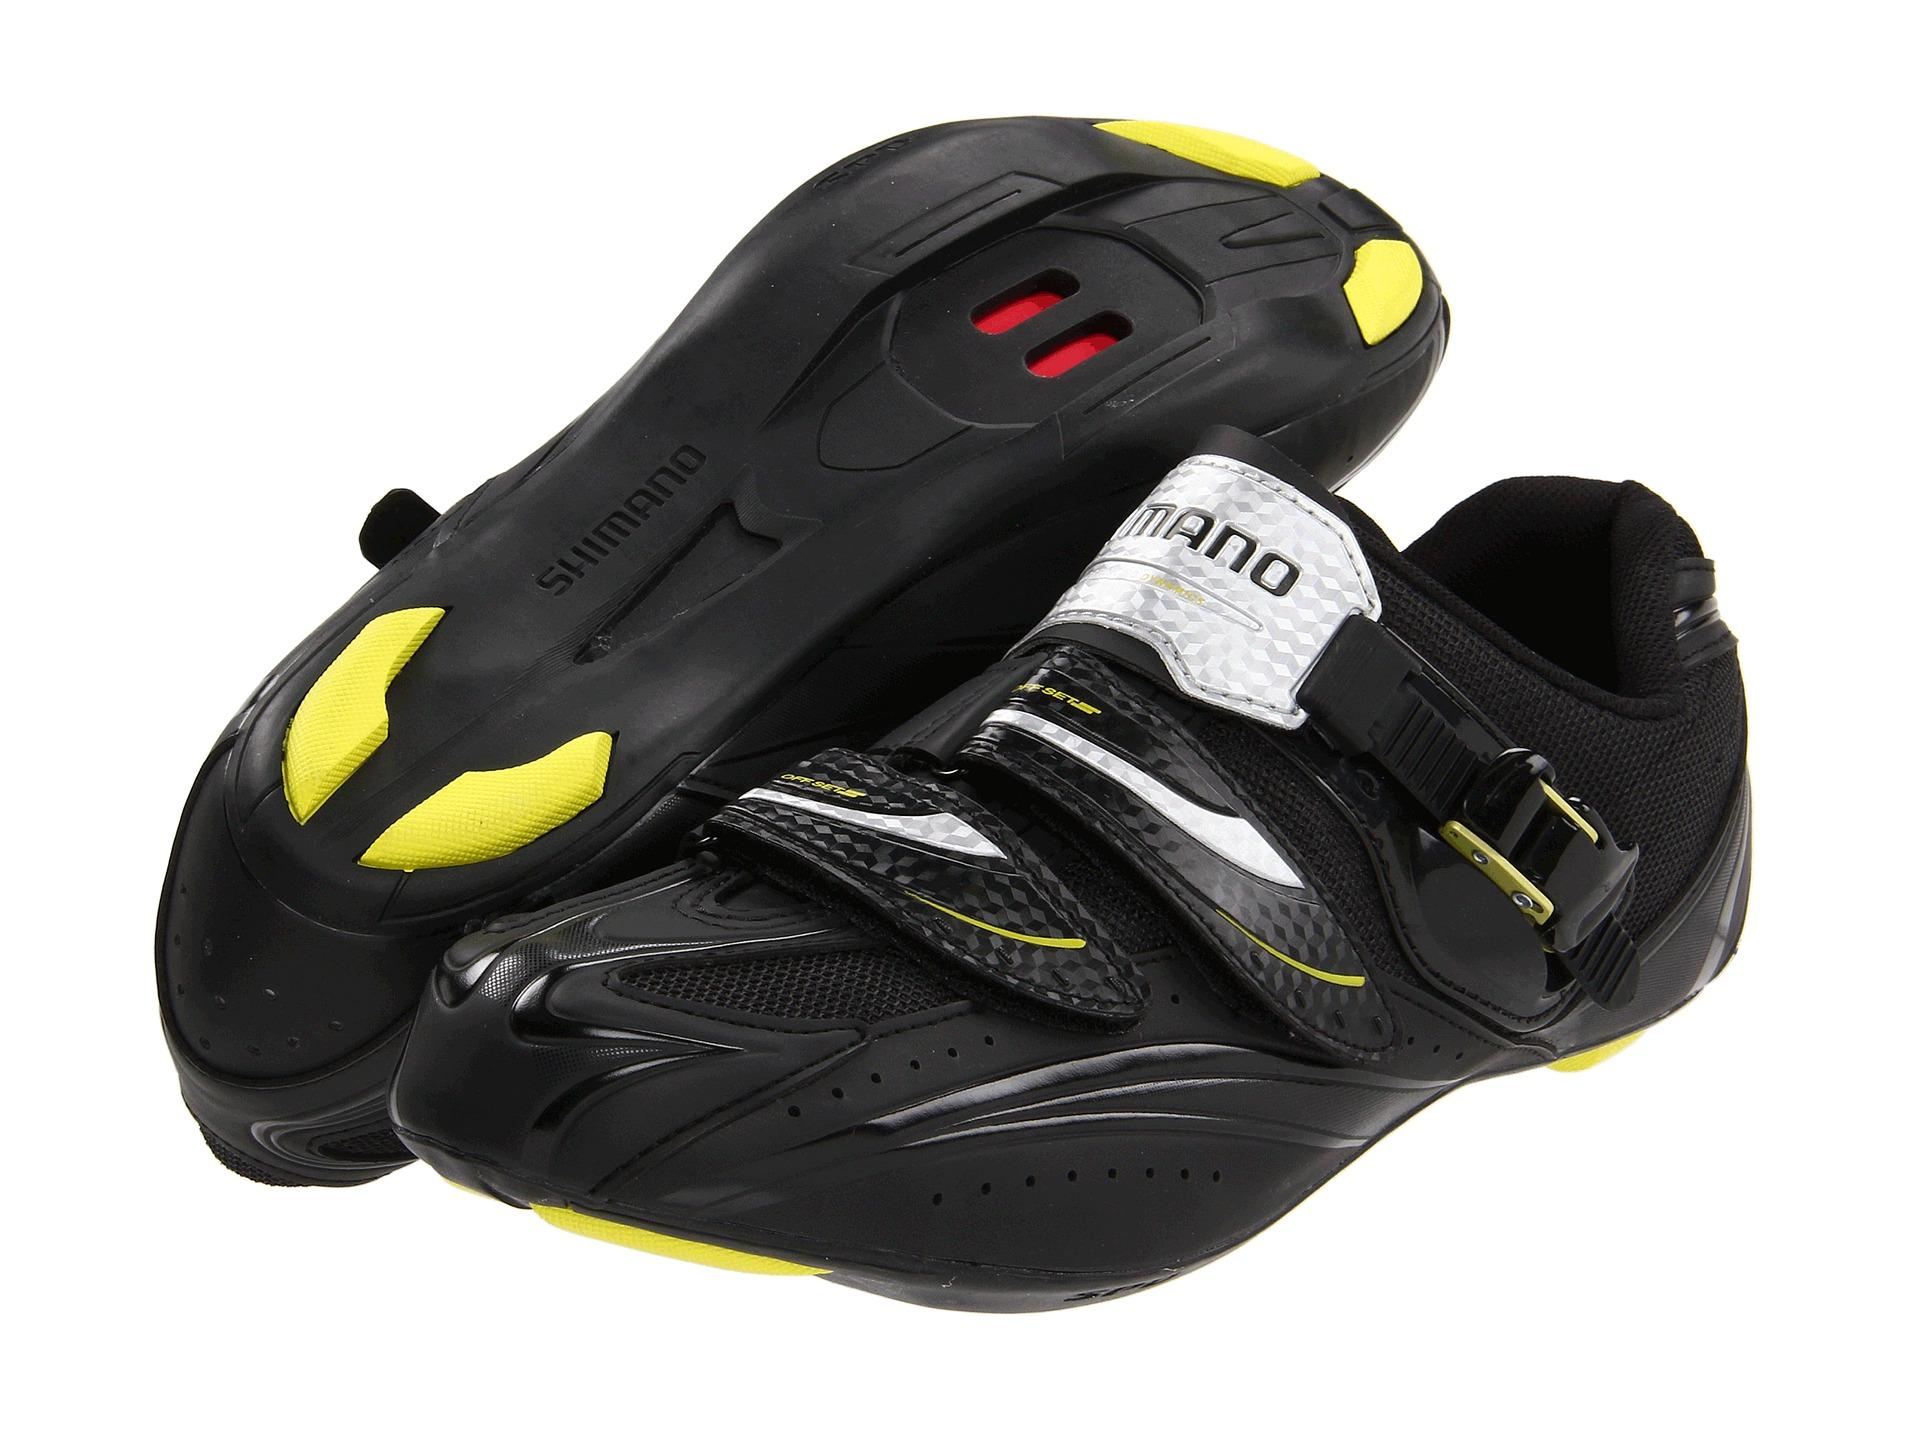 Best Road Shoes For Spd Pedals Bikeradar